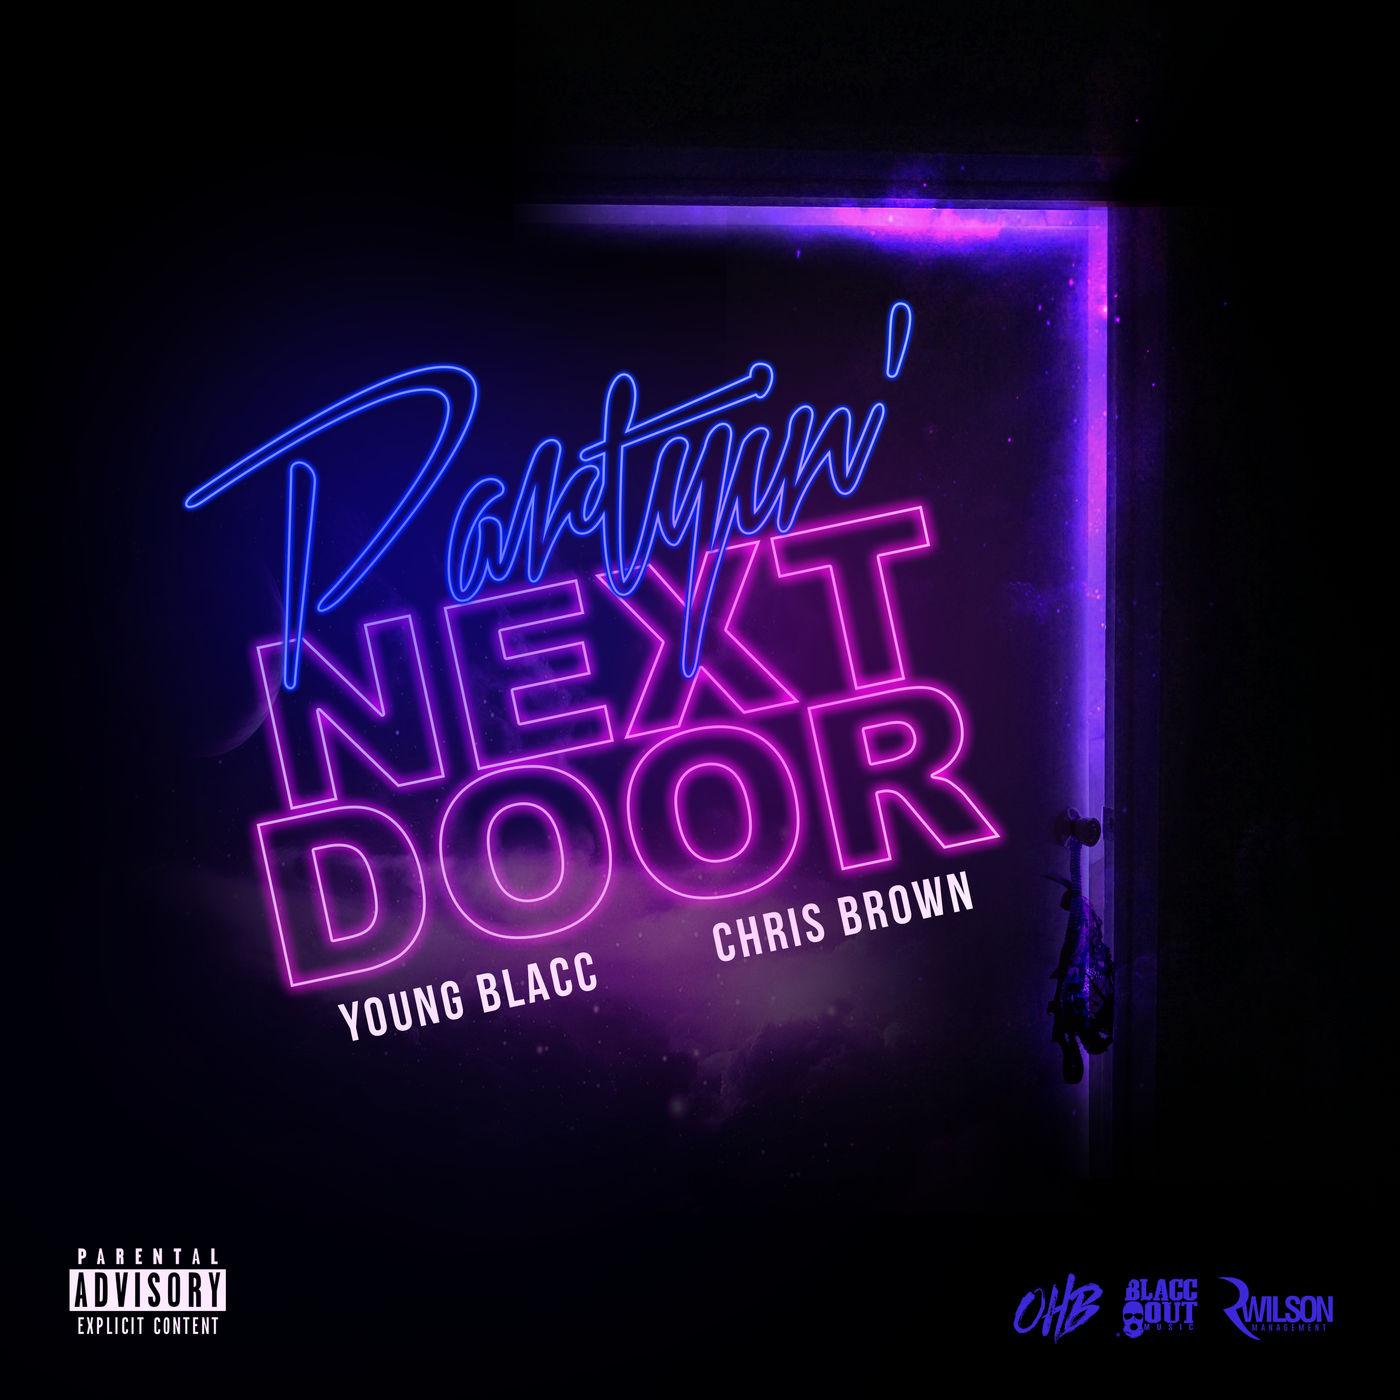 Young Blacc & Chris Brown - Partyin Next Door